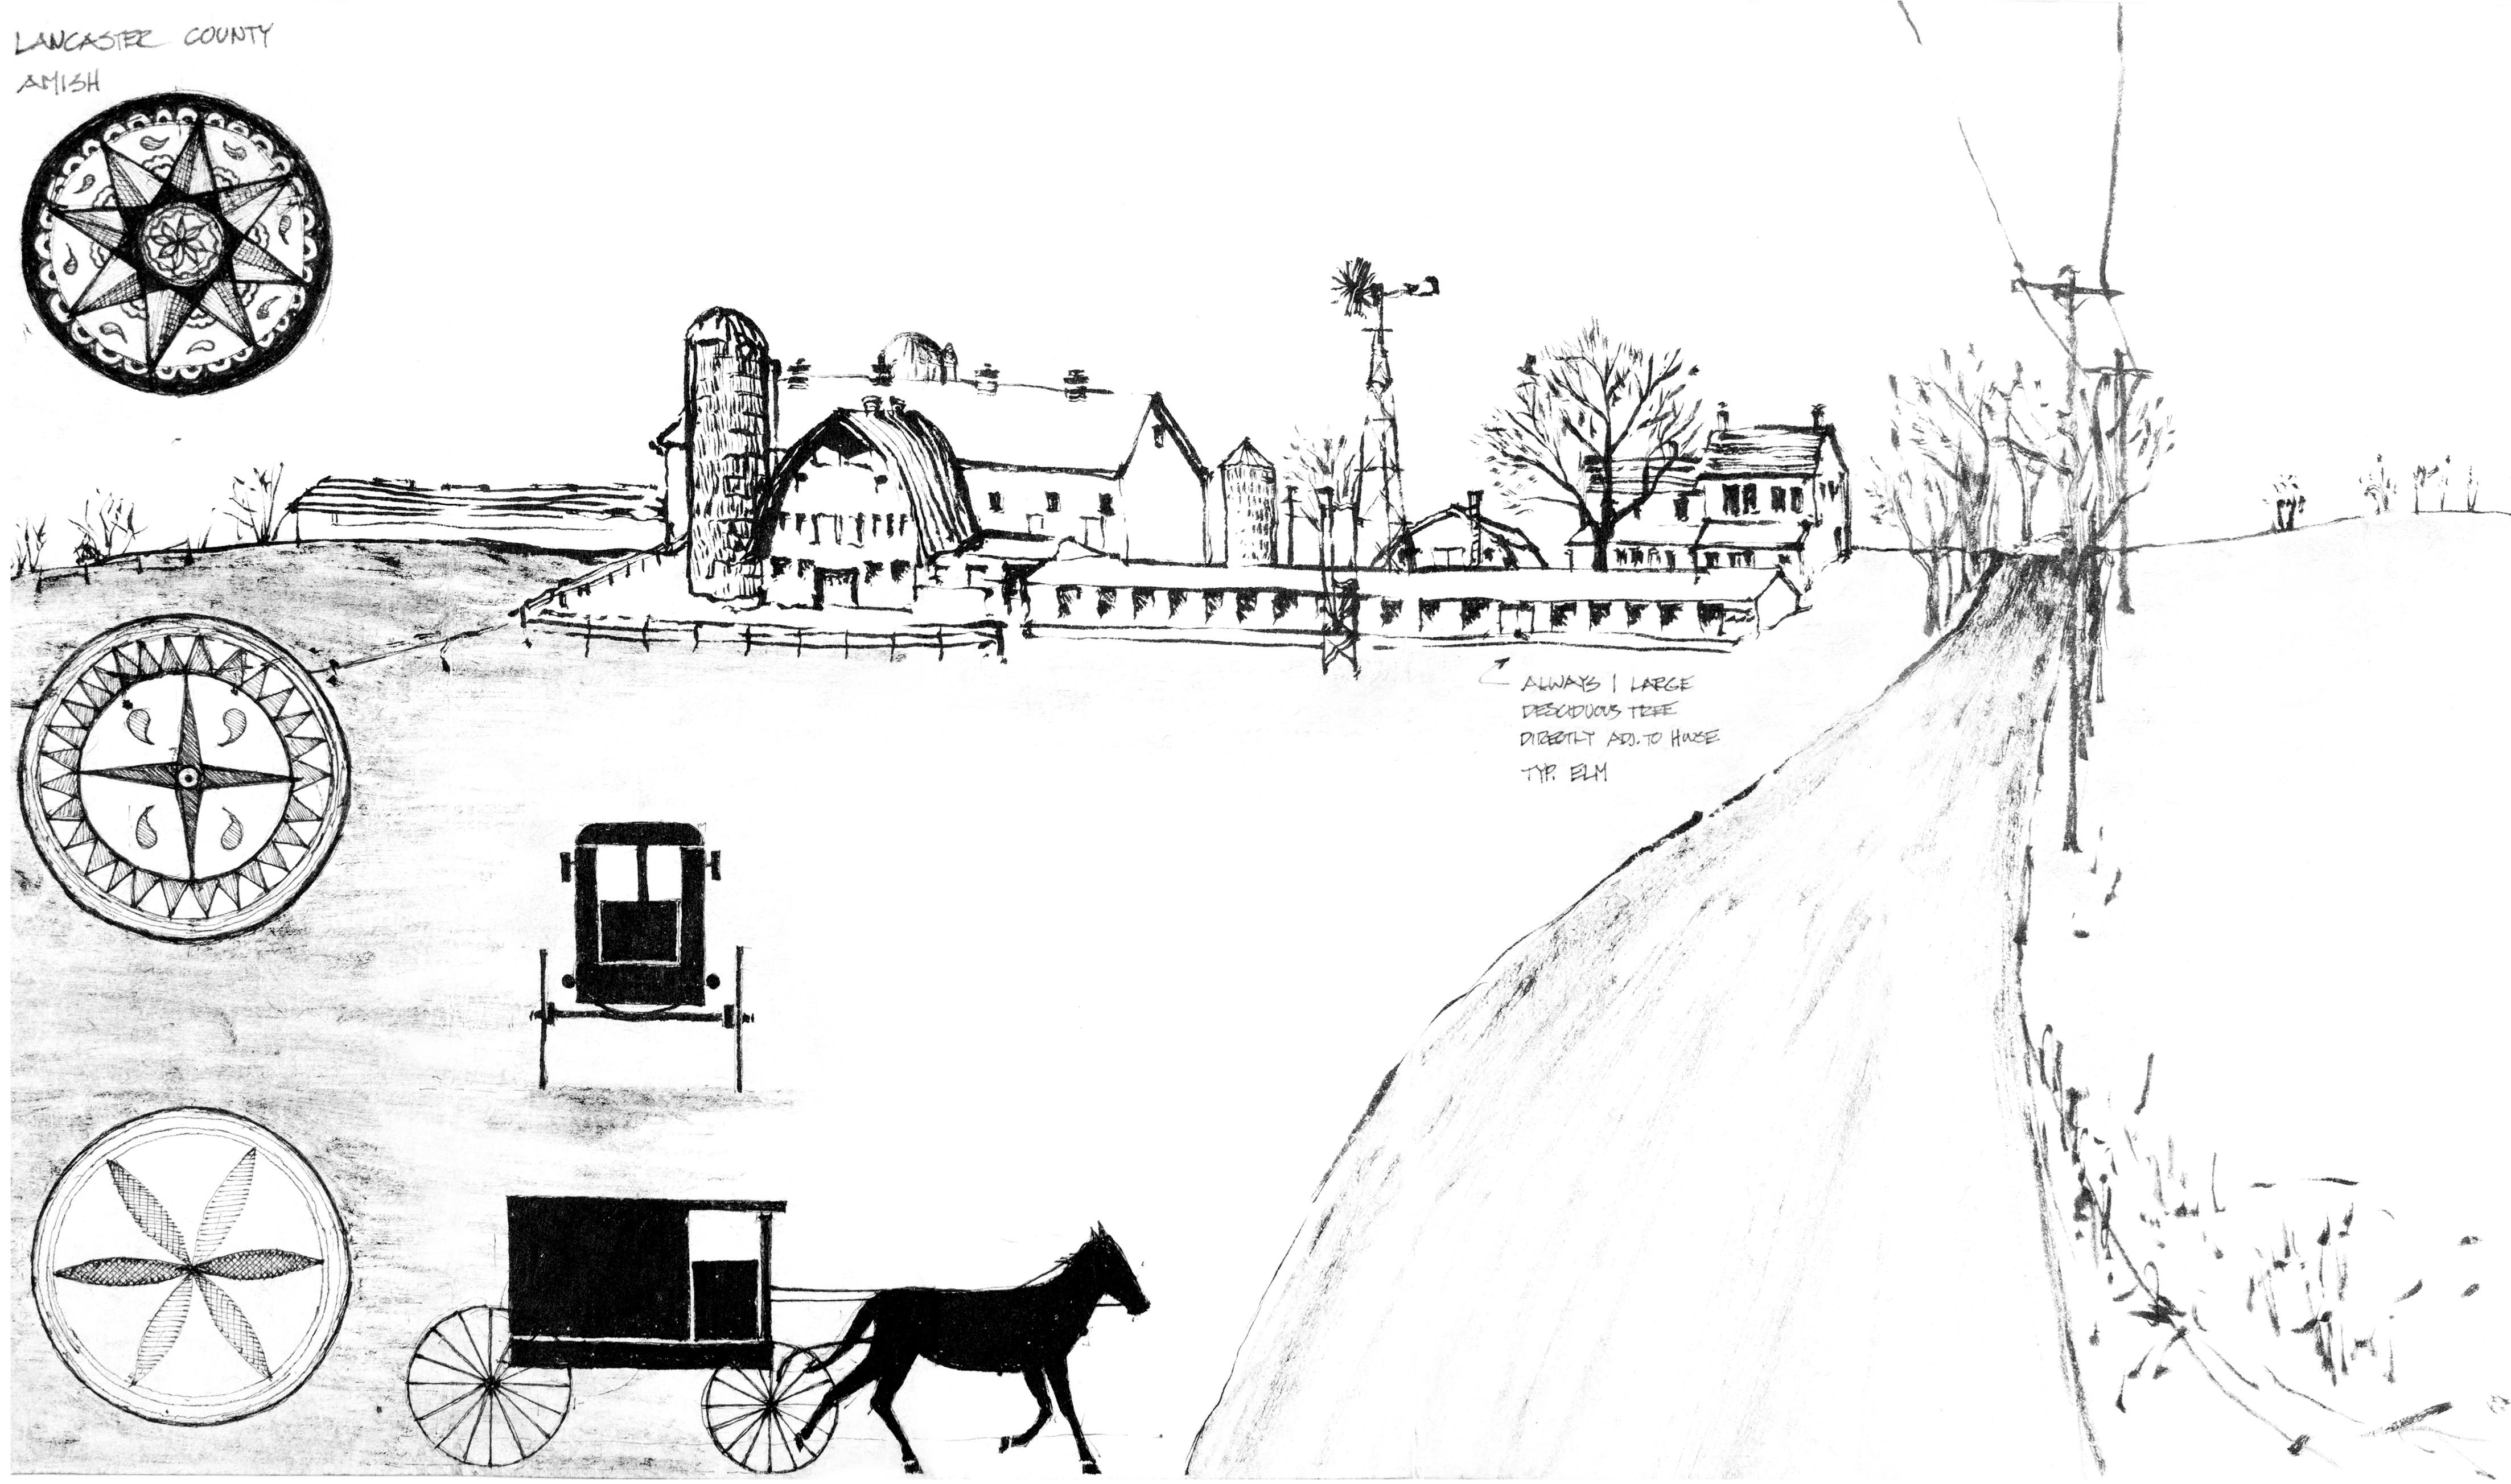 7.2 Amish community values